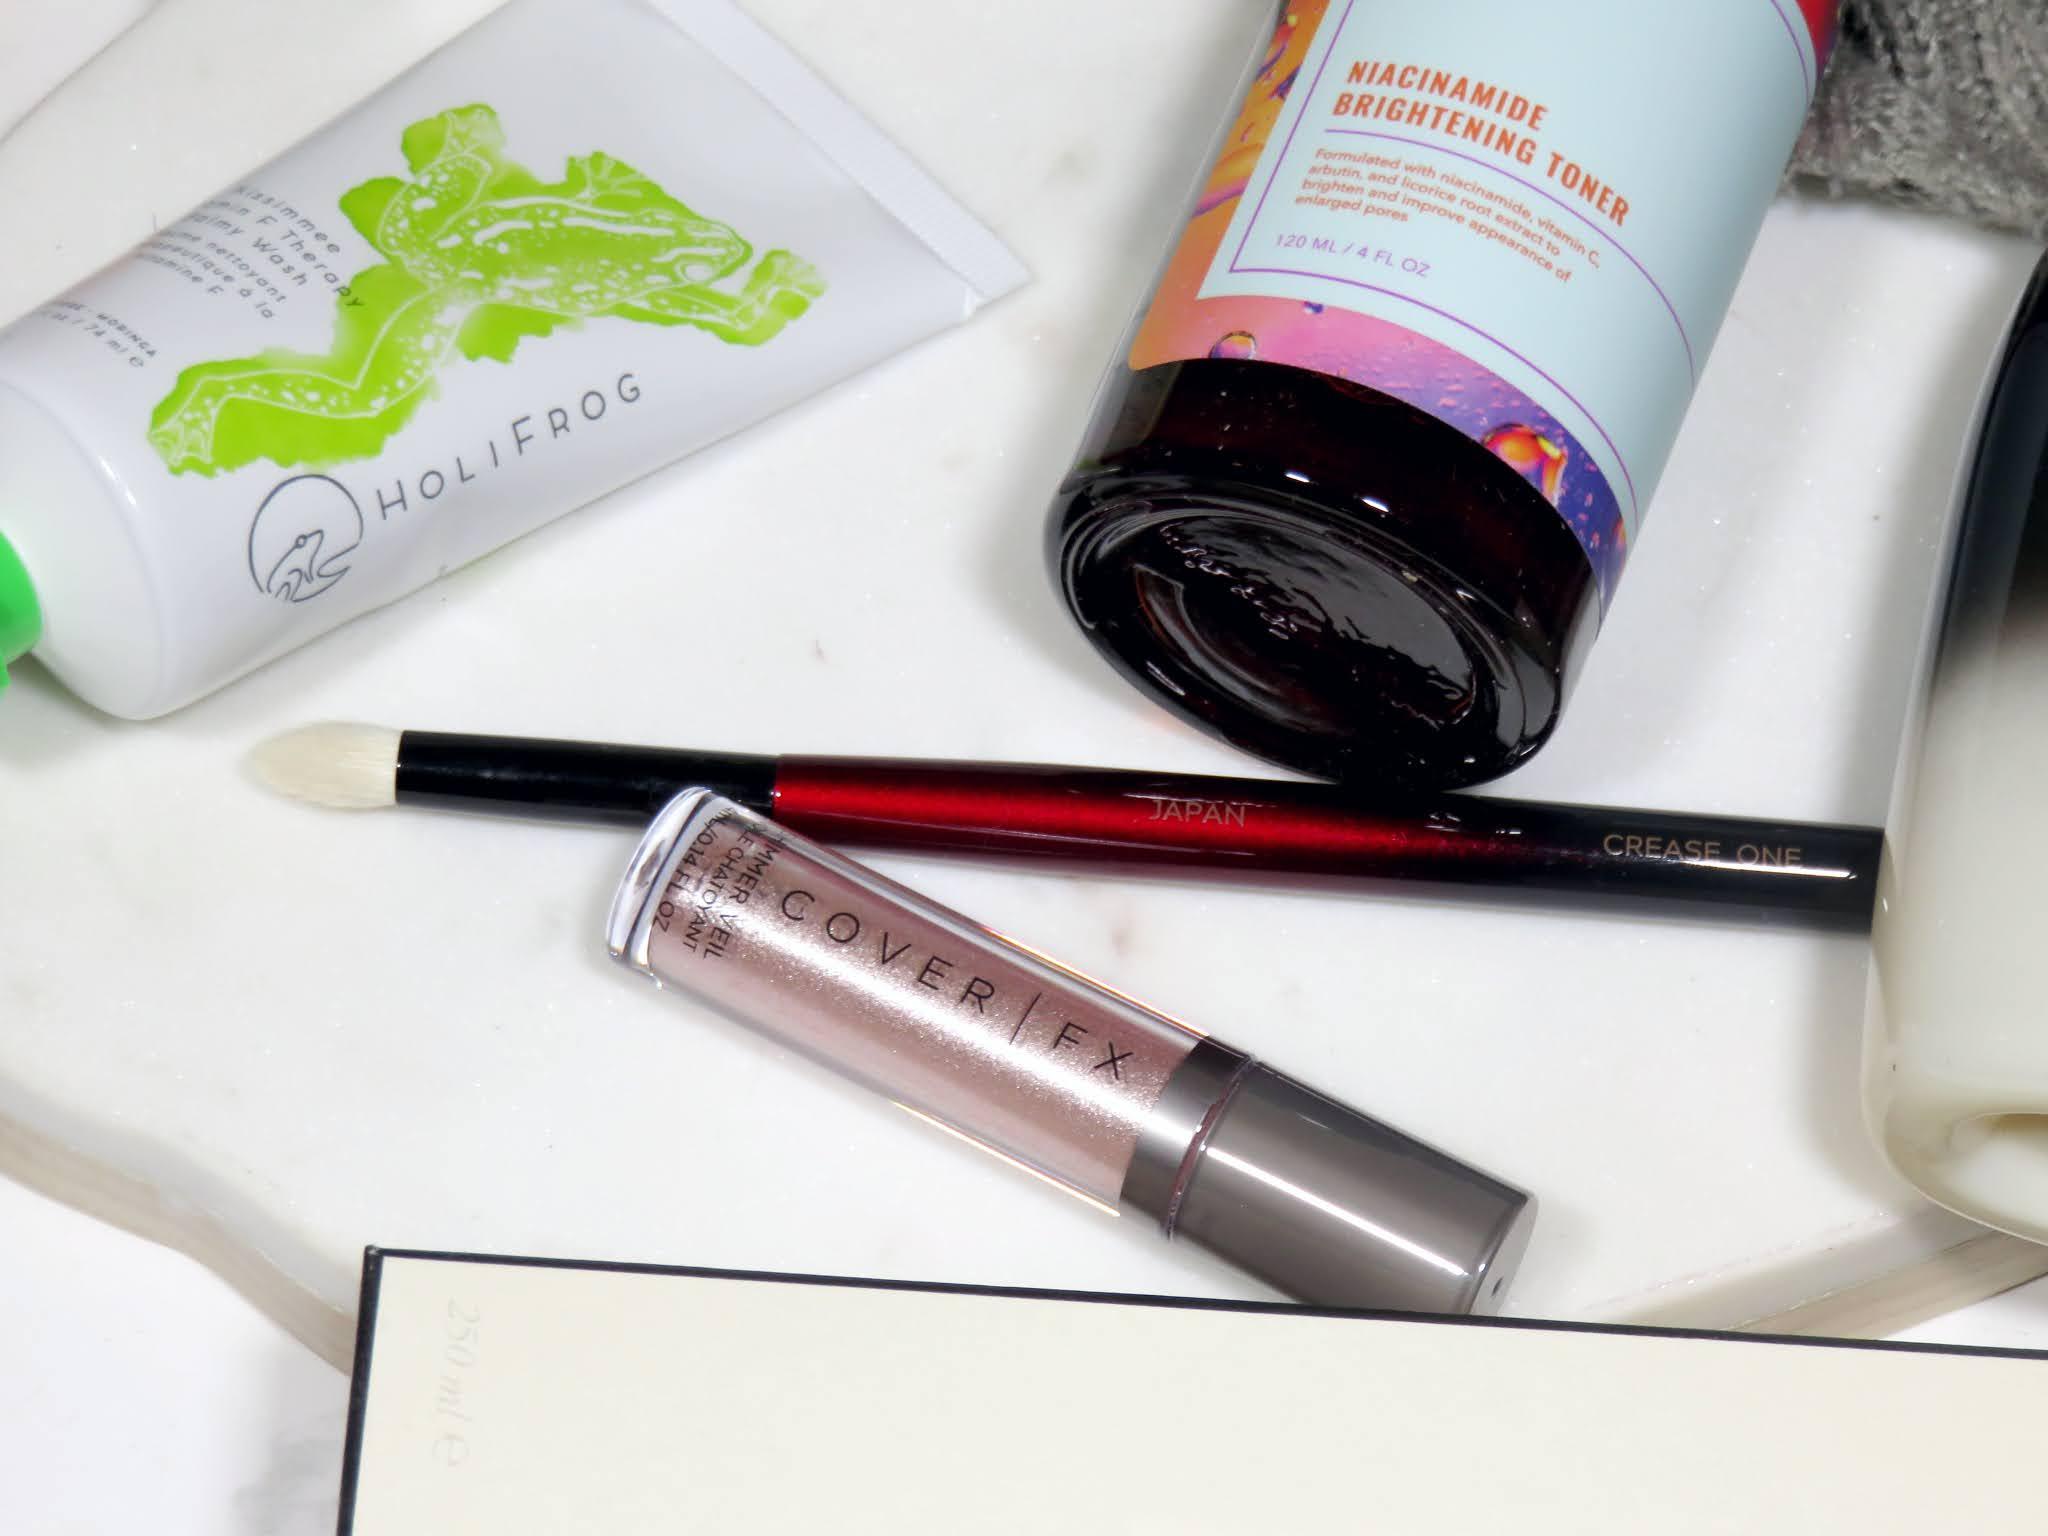 Beautylish Lucky Bag XL 2020 Review